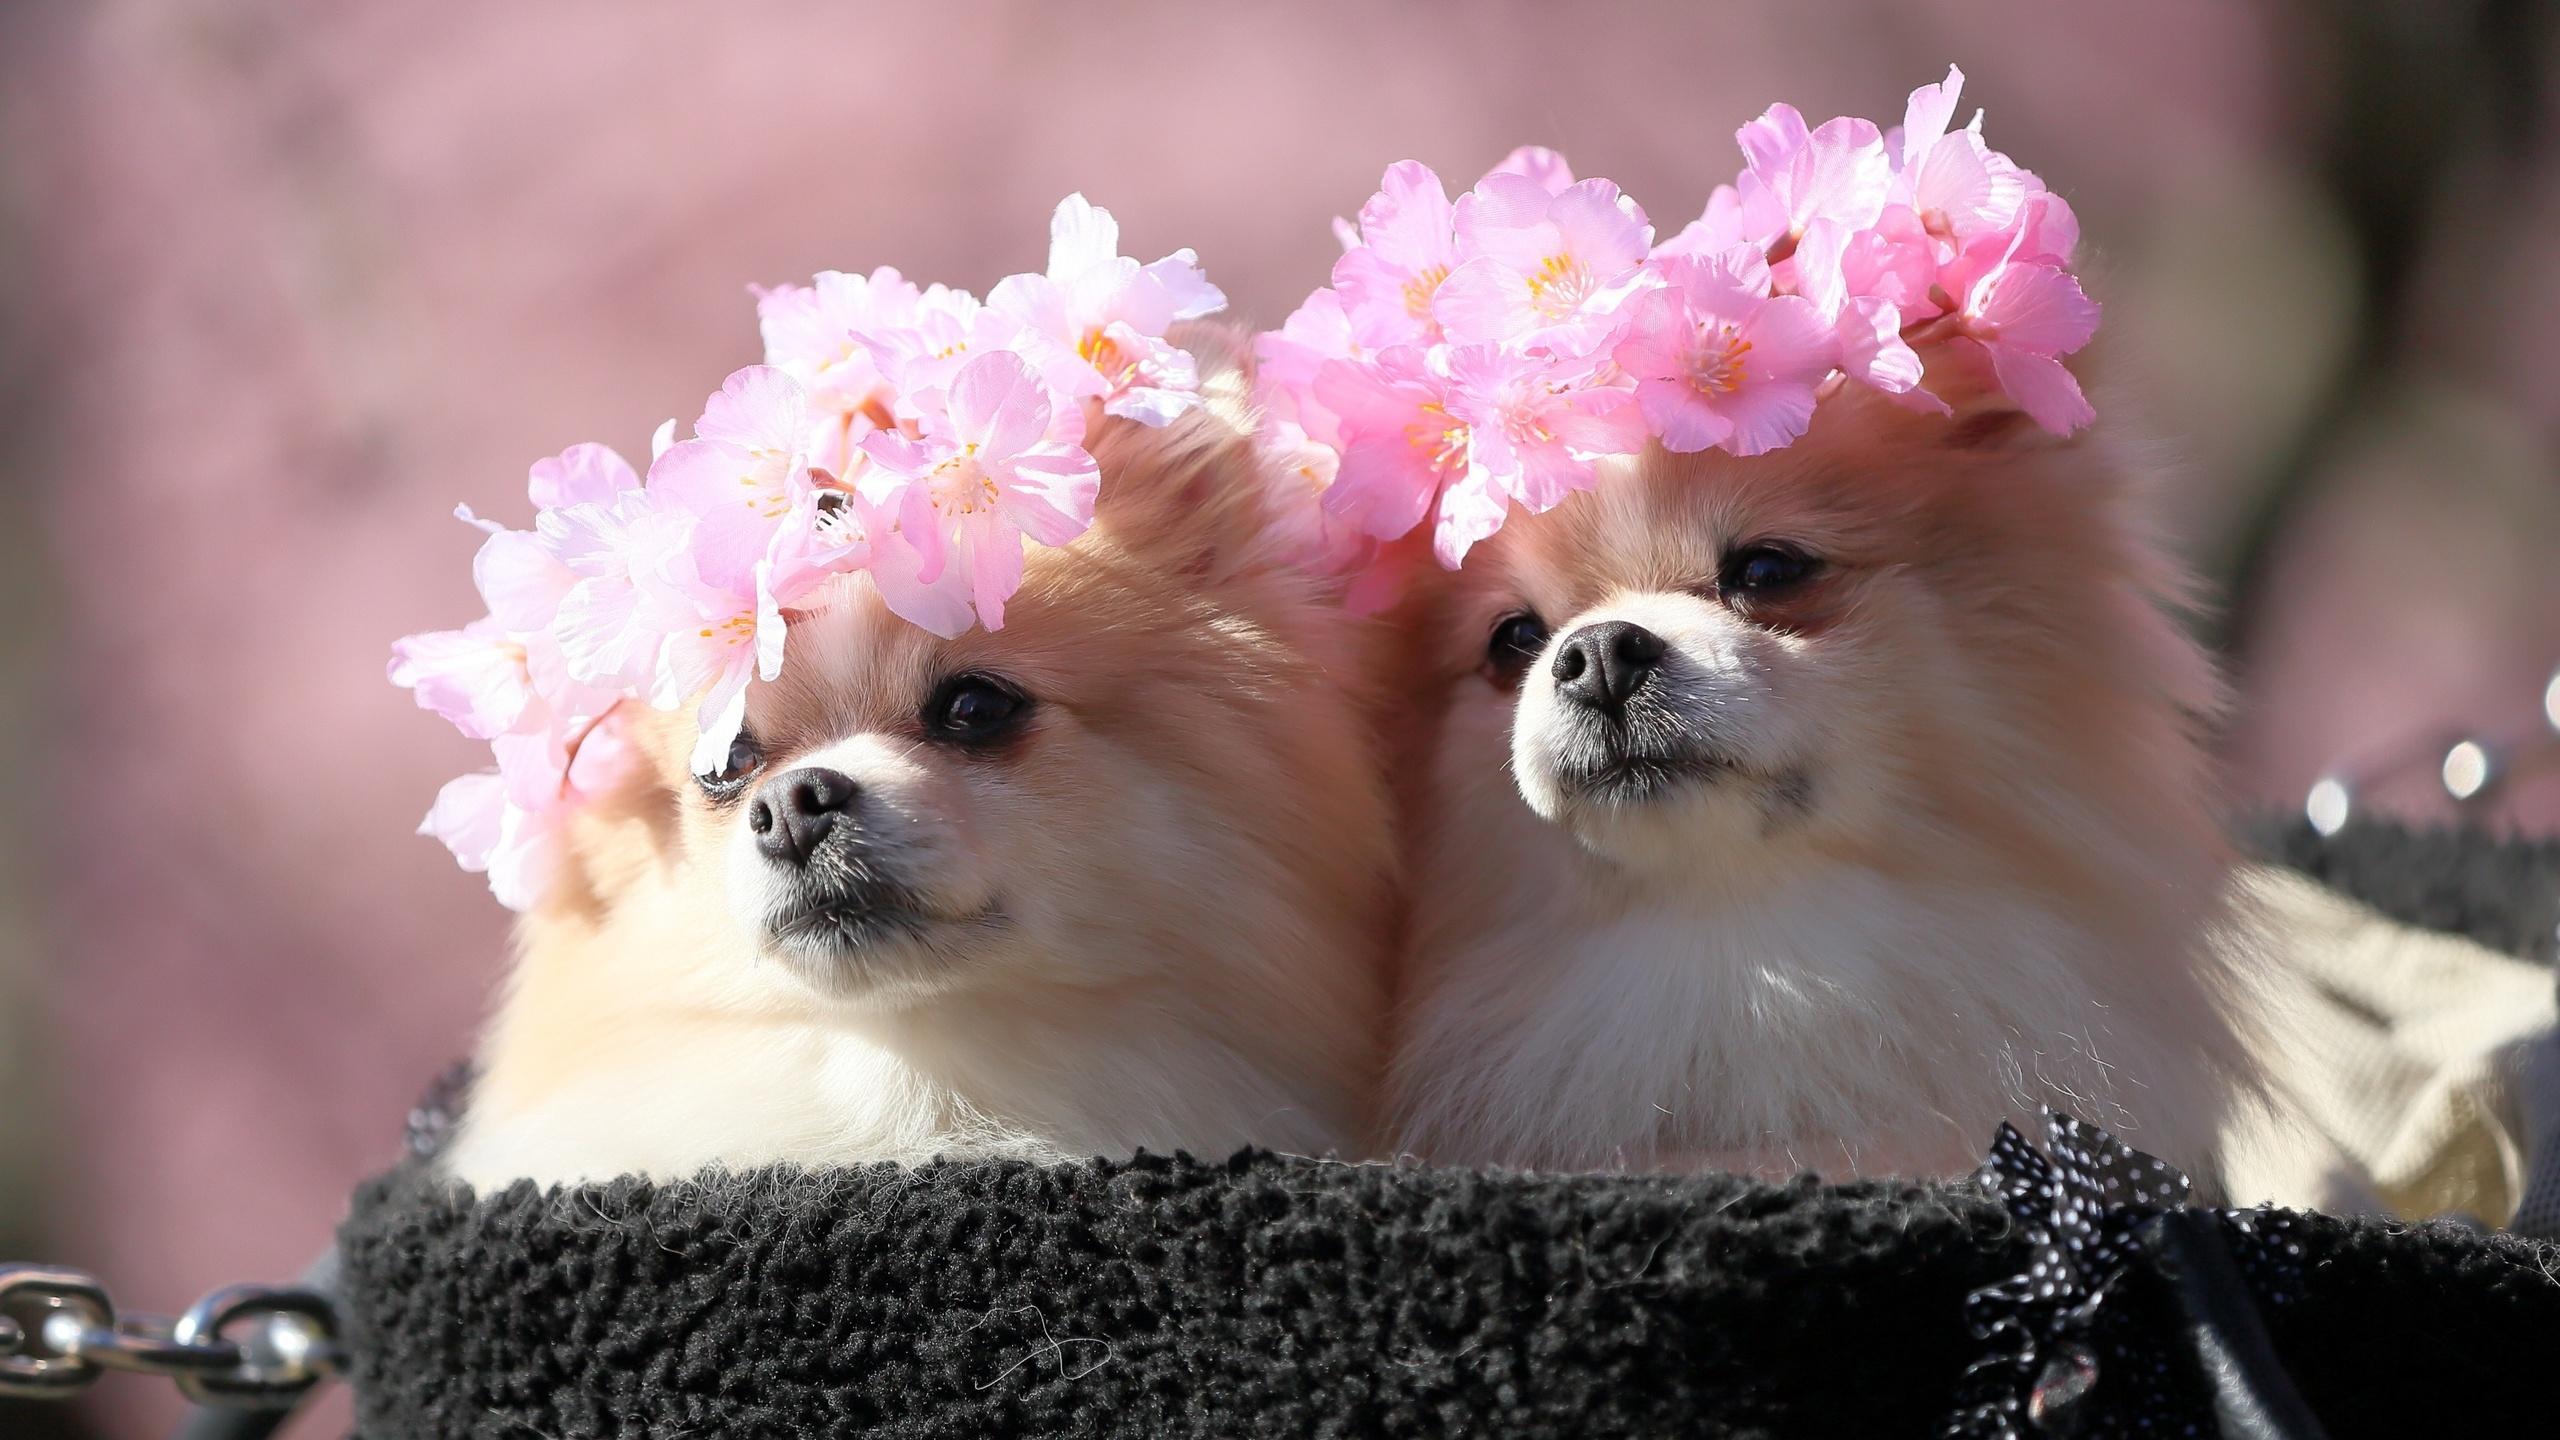 про очень милые картинки с цветами это бабцы, что